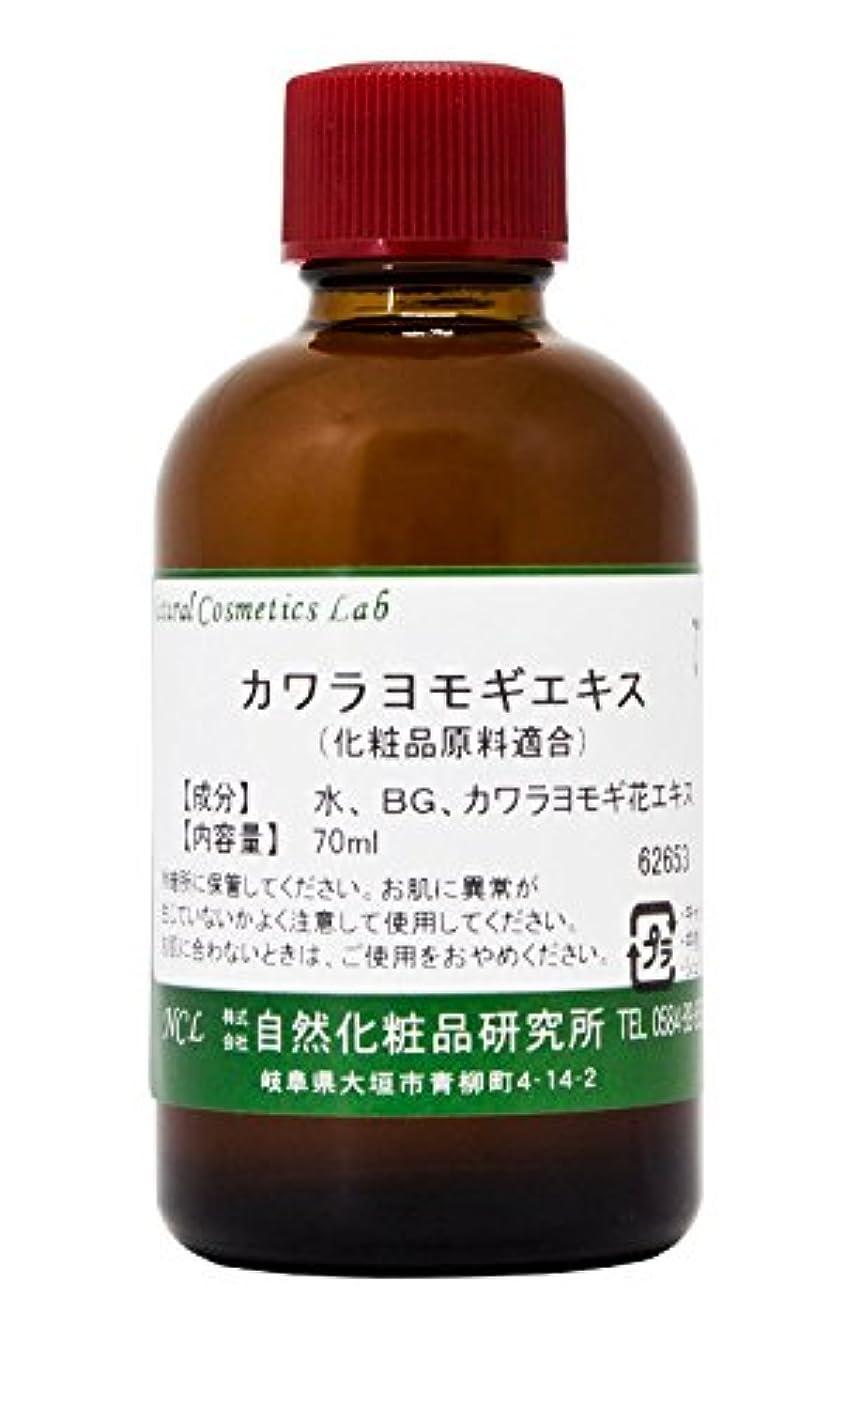 ラッカス浮く不変カワラヨモギエキス 70ml 【手作り化粧品原料】